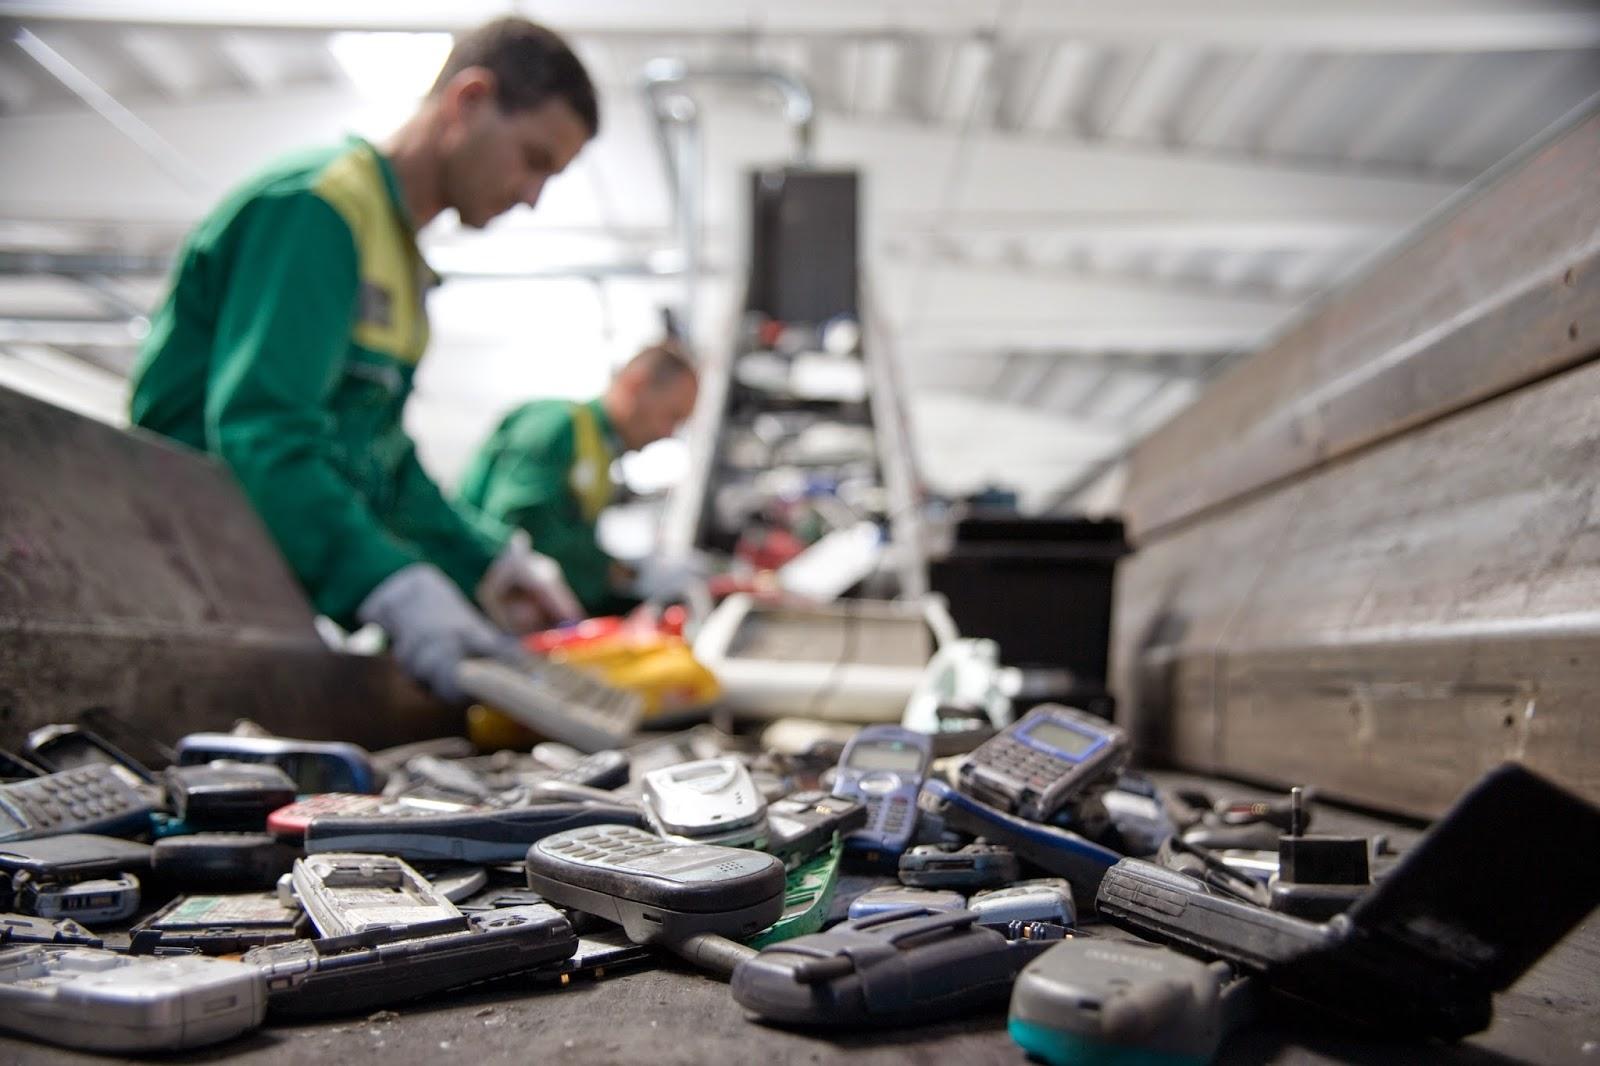 fare soldi con oro e argento nei rifiuti elettronici